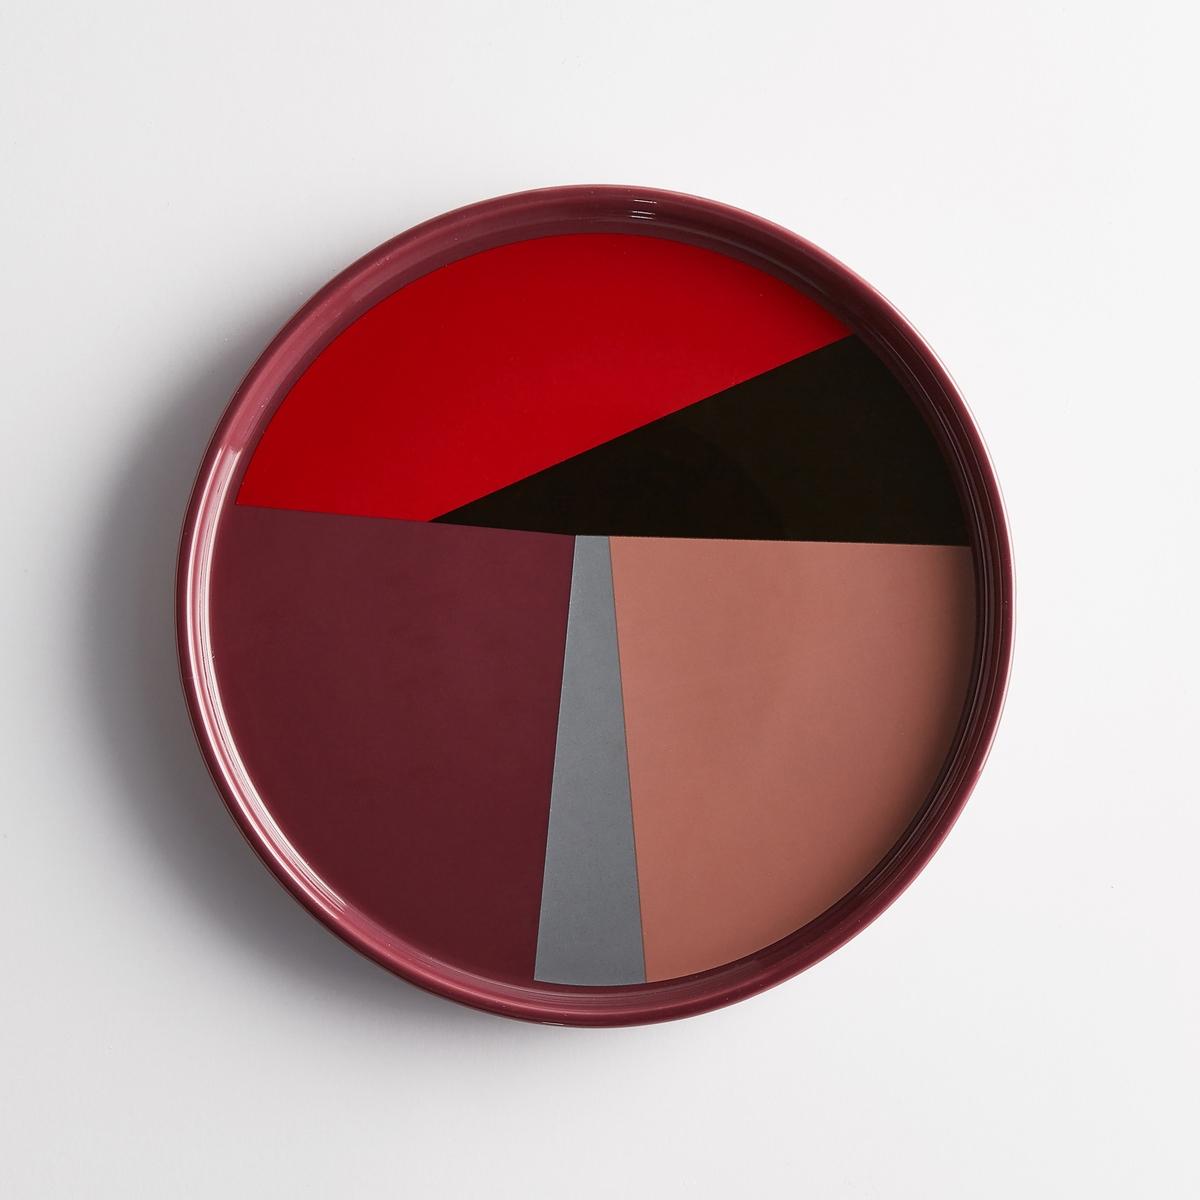 Тарелка десертная керамическая (4 шт.) DRISKOLХарактеристики 4 десертных тарелок из керамики Driskol :Из керамики.Разноцветный геометрический рисунок.Размеры 4 десертных тарелок из керамики Driskol :диаметр 20 см.Другие тарелки и предметы декора стола вы можете найти на сайте laredoute.ru<br><br>Цвет: разноцветный